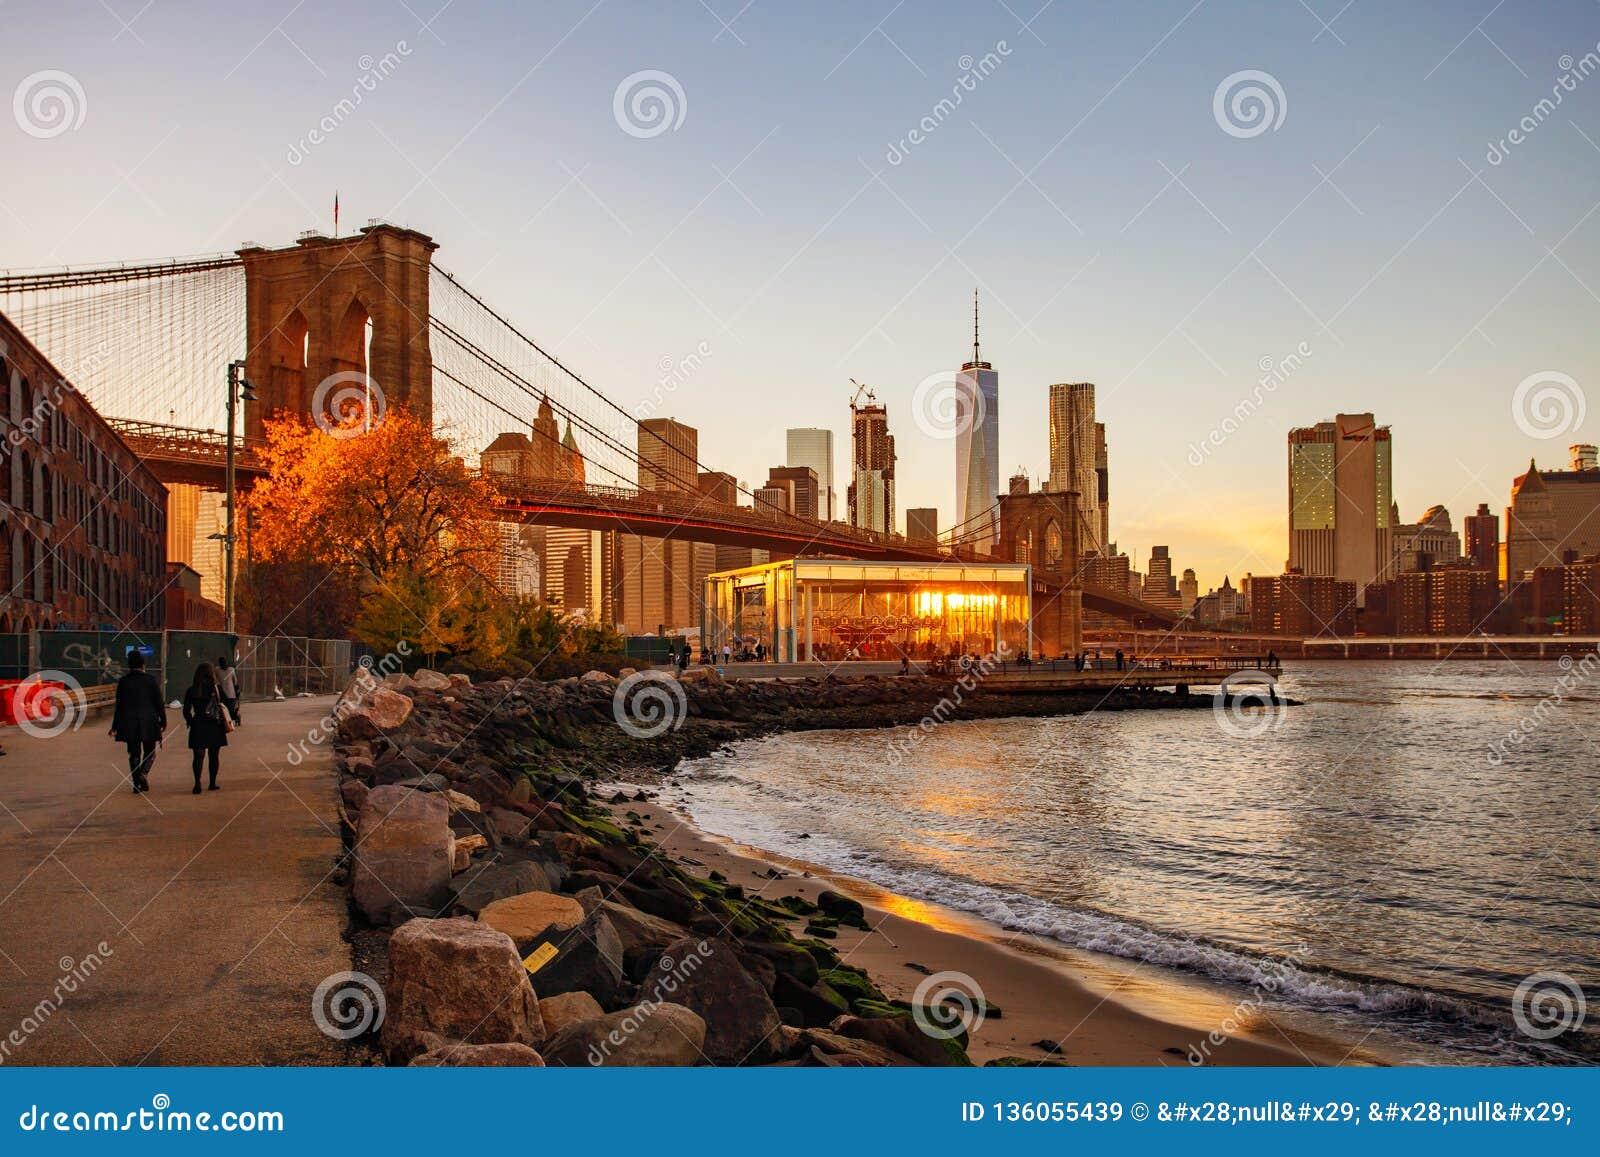 De Brug van Brooklyn bij zonsondergangmening bij de Stad van New York,